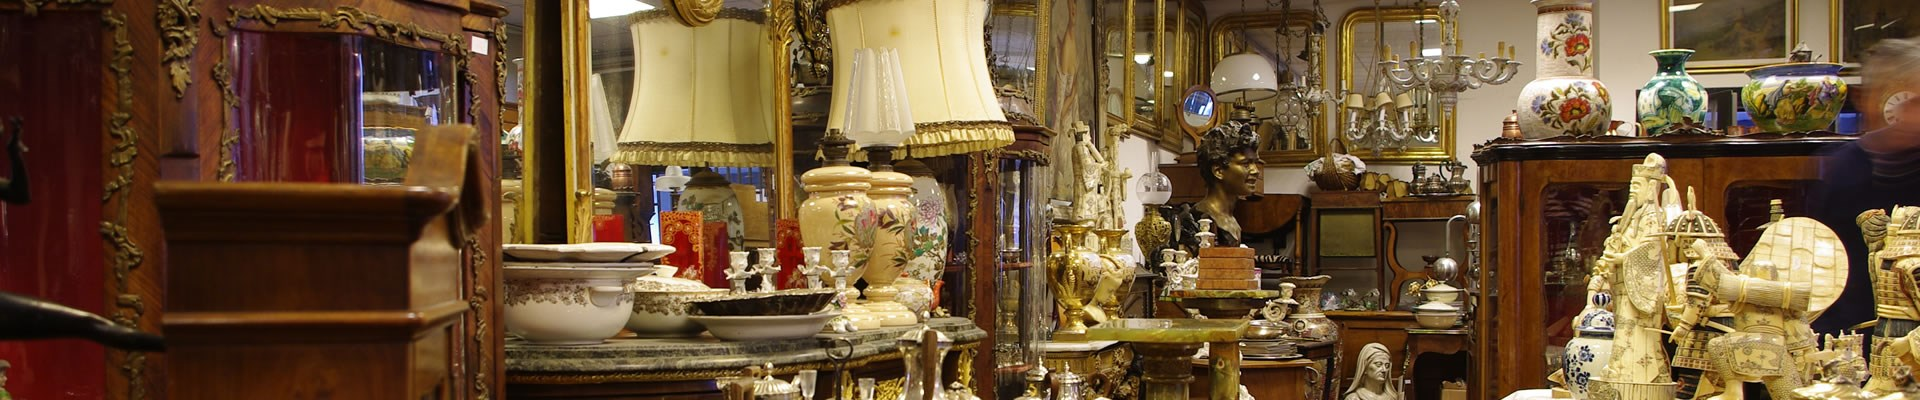 Acquisto e vendita antichit in tutta italia andermarck - Mobili di antiquariato ...